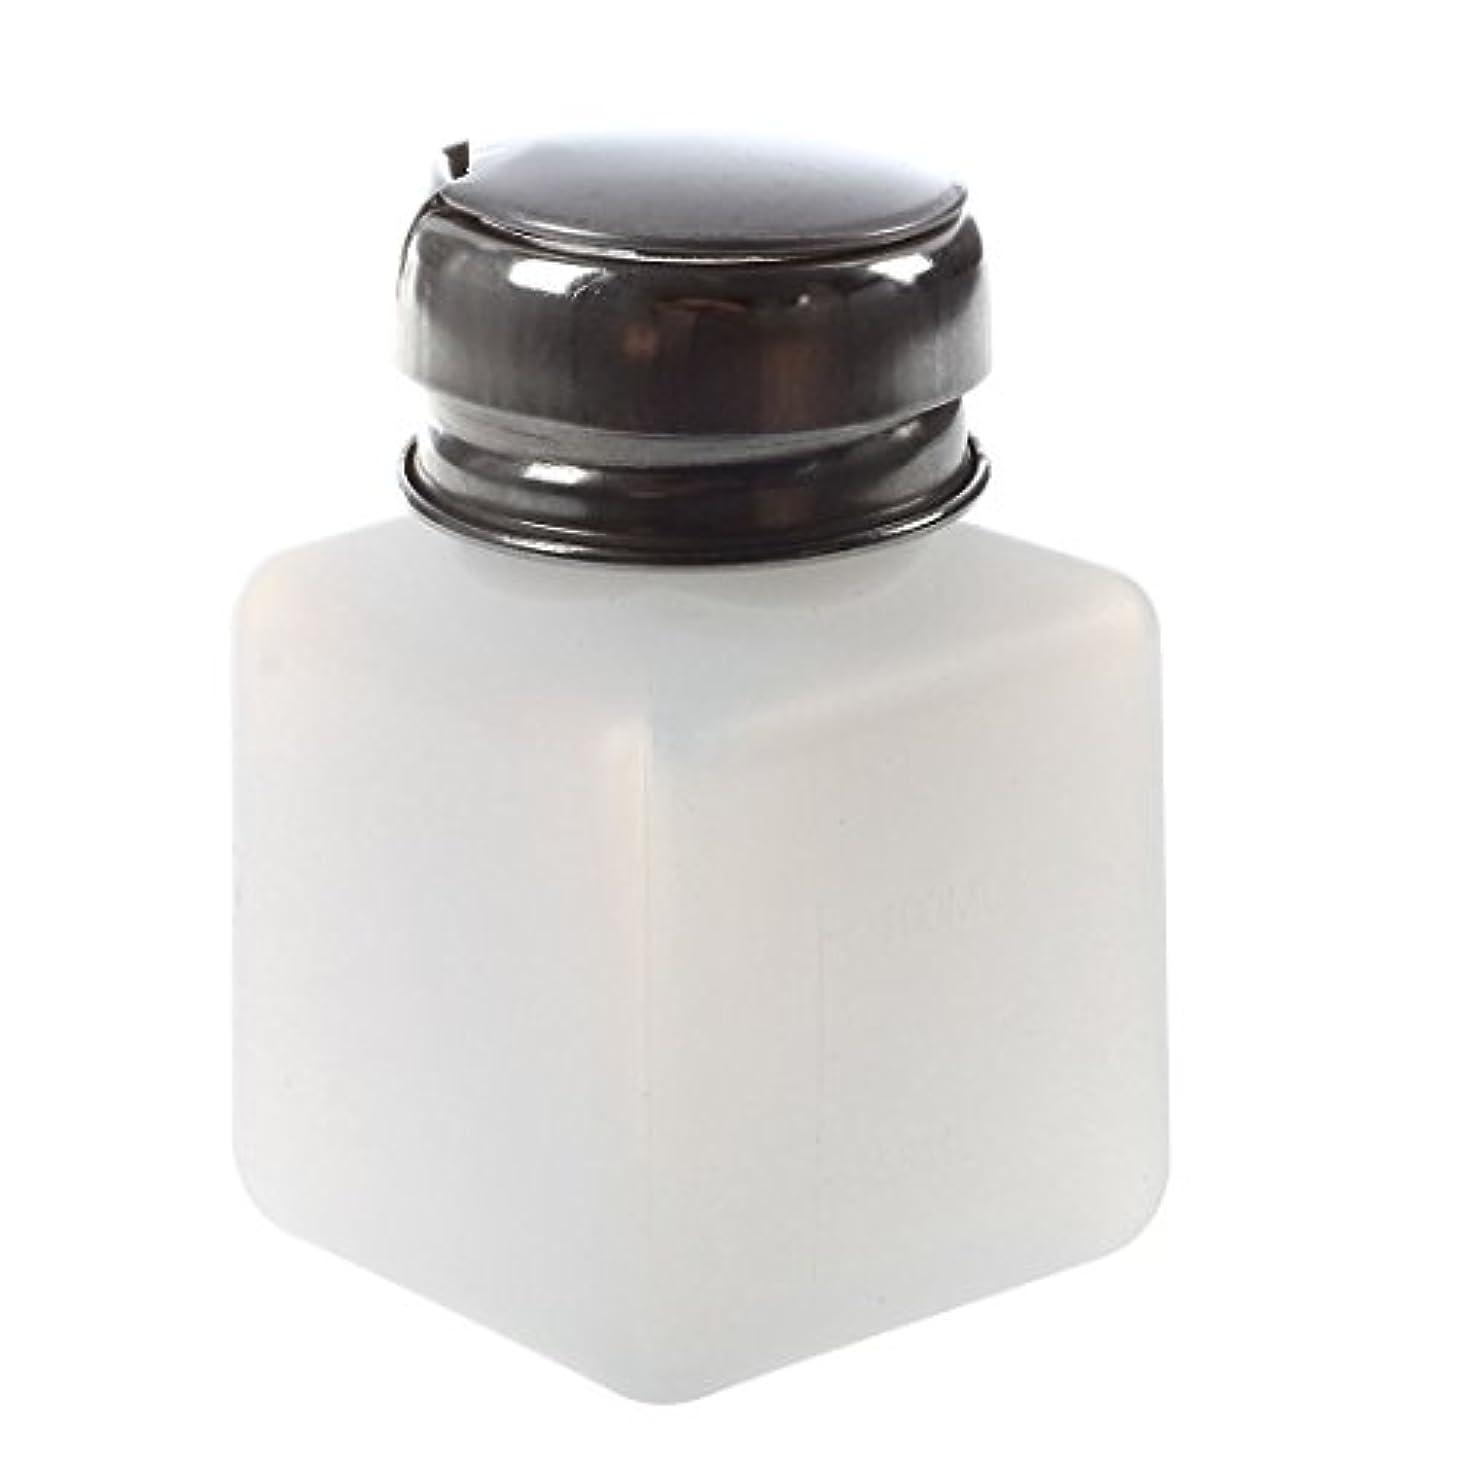 好意的粘土終了するGaoominy エンプティーポンプディスペンサー ネイルアート研磨リムーバー 100MLボトル用 (ホワイト)